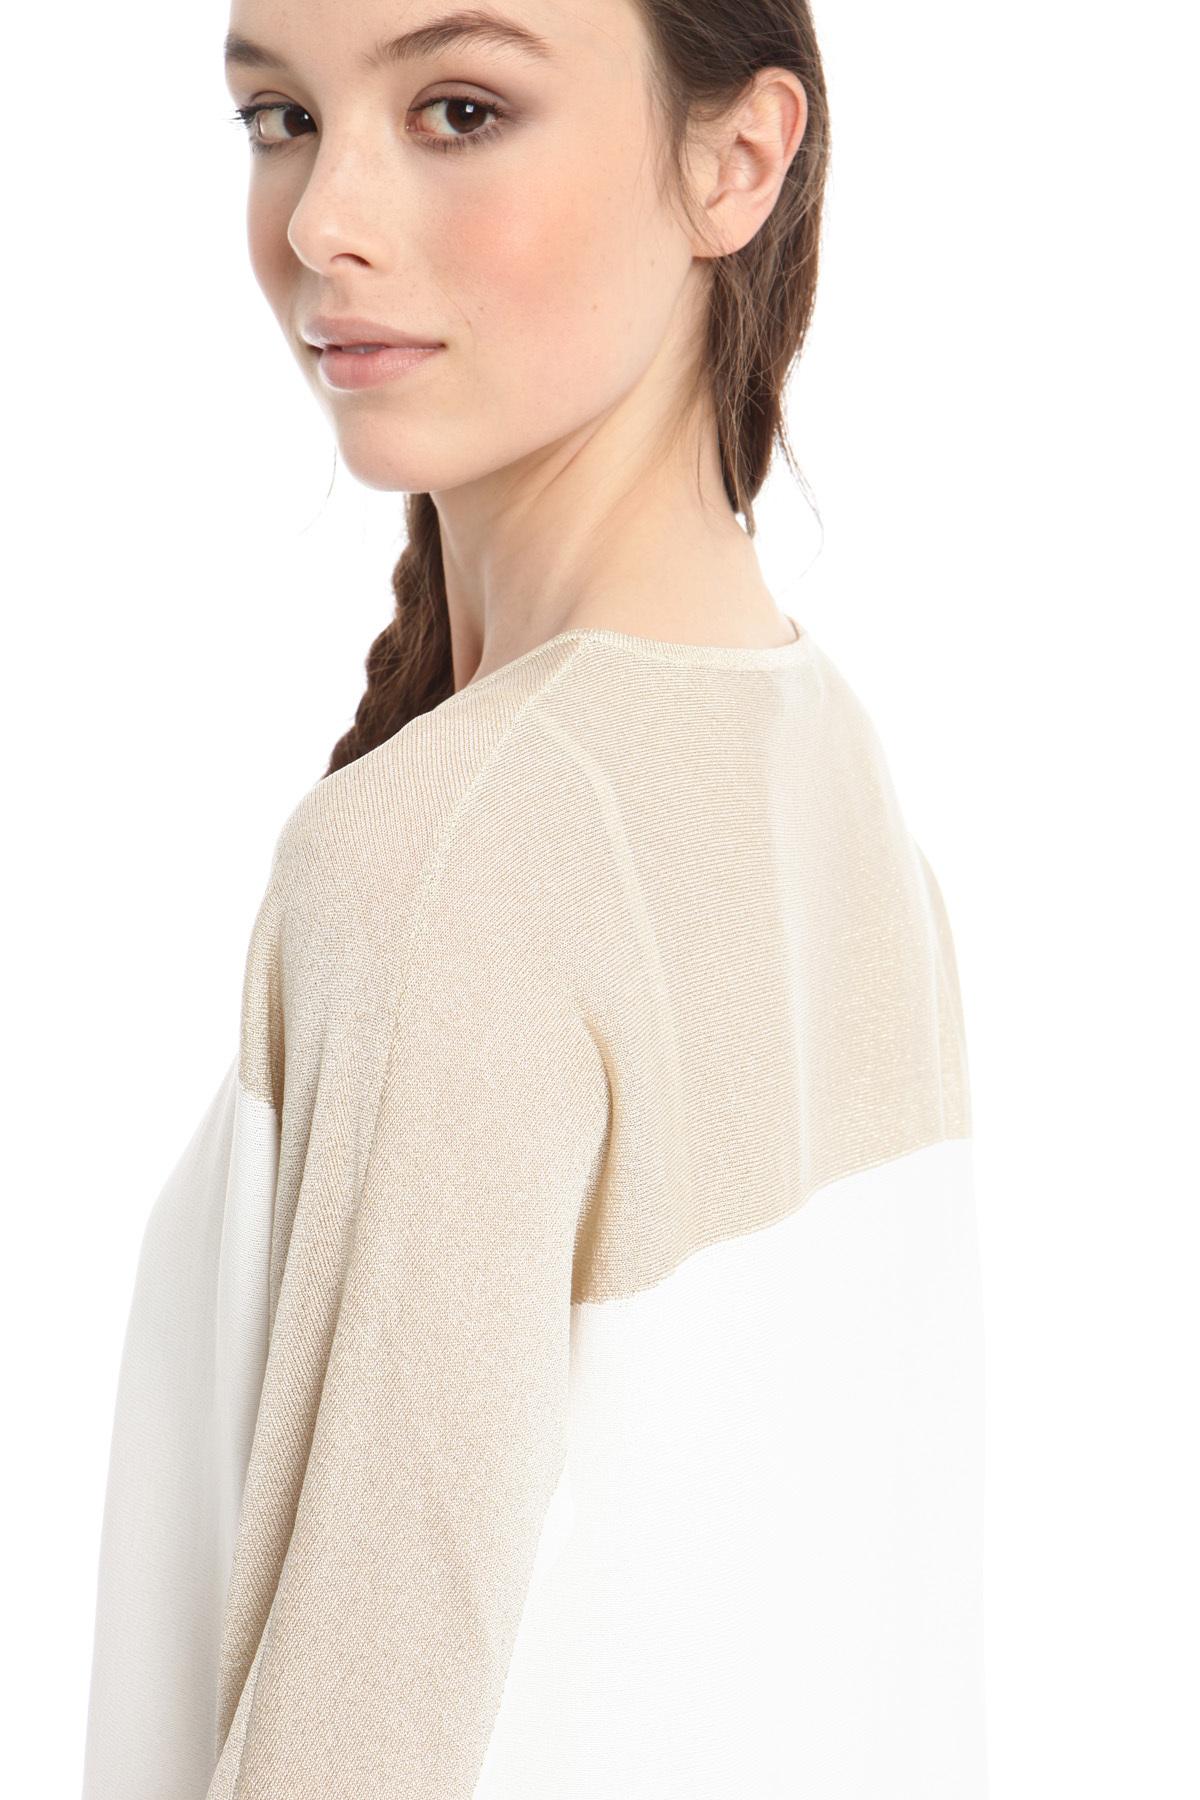 ... Cardigan in viscosa lurex Diffusione Tessile. Home page · Abbigliamento  ...